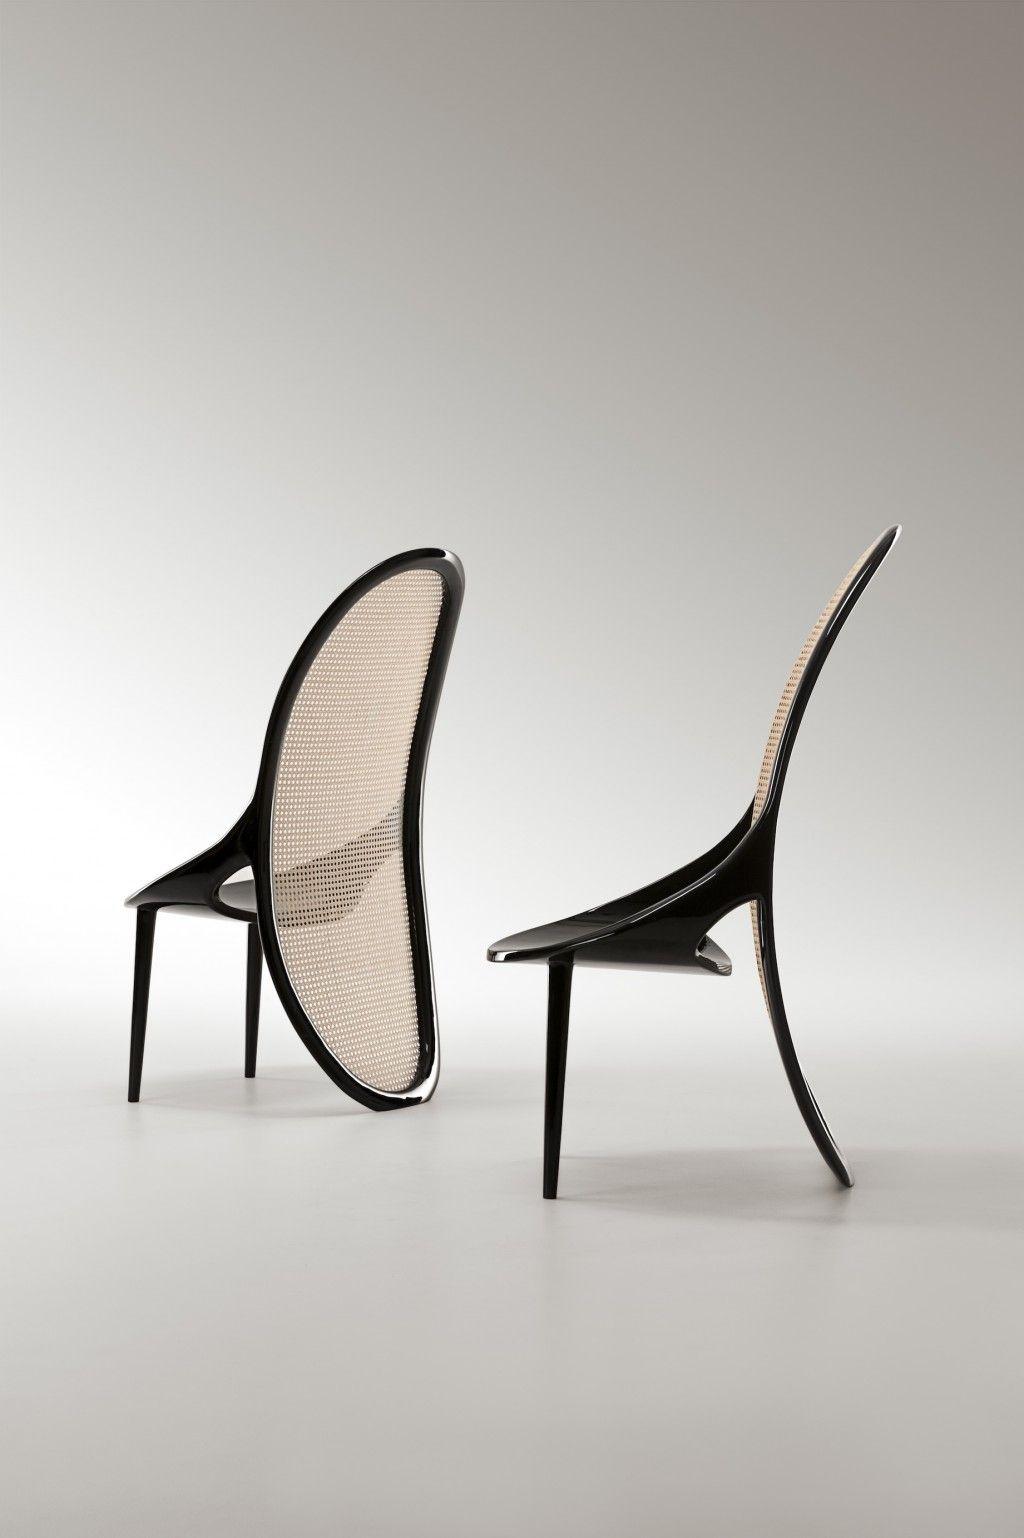 Wiener Chair Gabriella Asztalos Designer Have Several Seats  # Muebles Vasquez Bio Bio